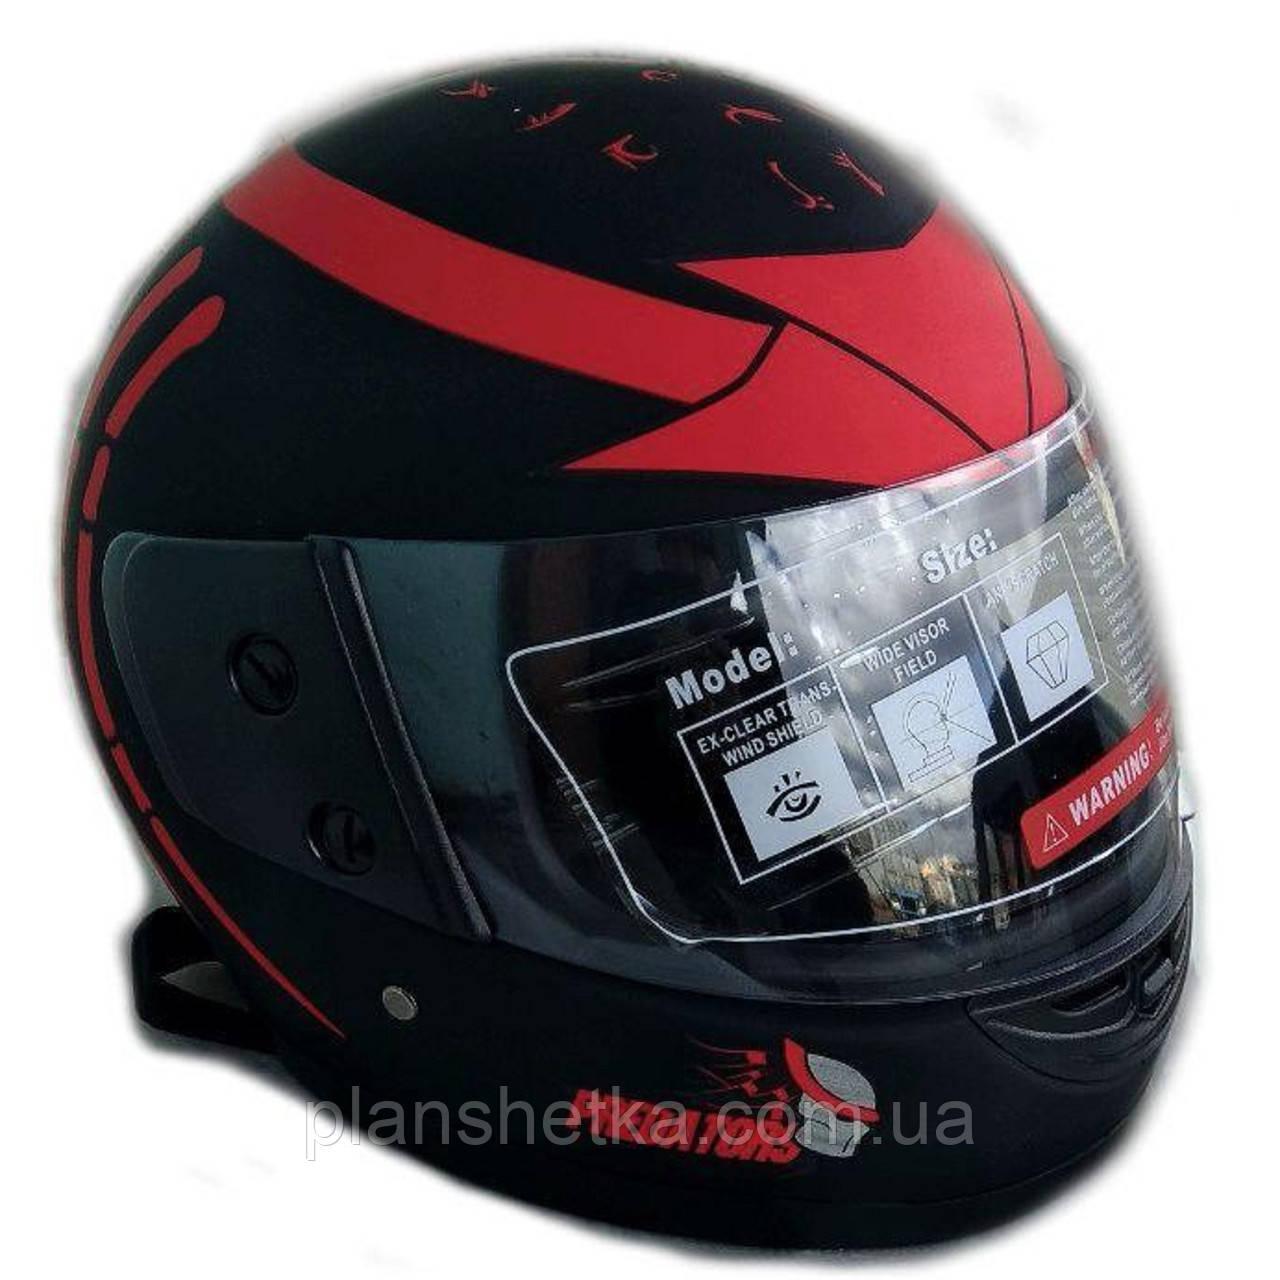 Шлем для мотоцикла F2 черный мат с красным рисунком Predators (model 504)